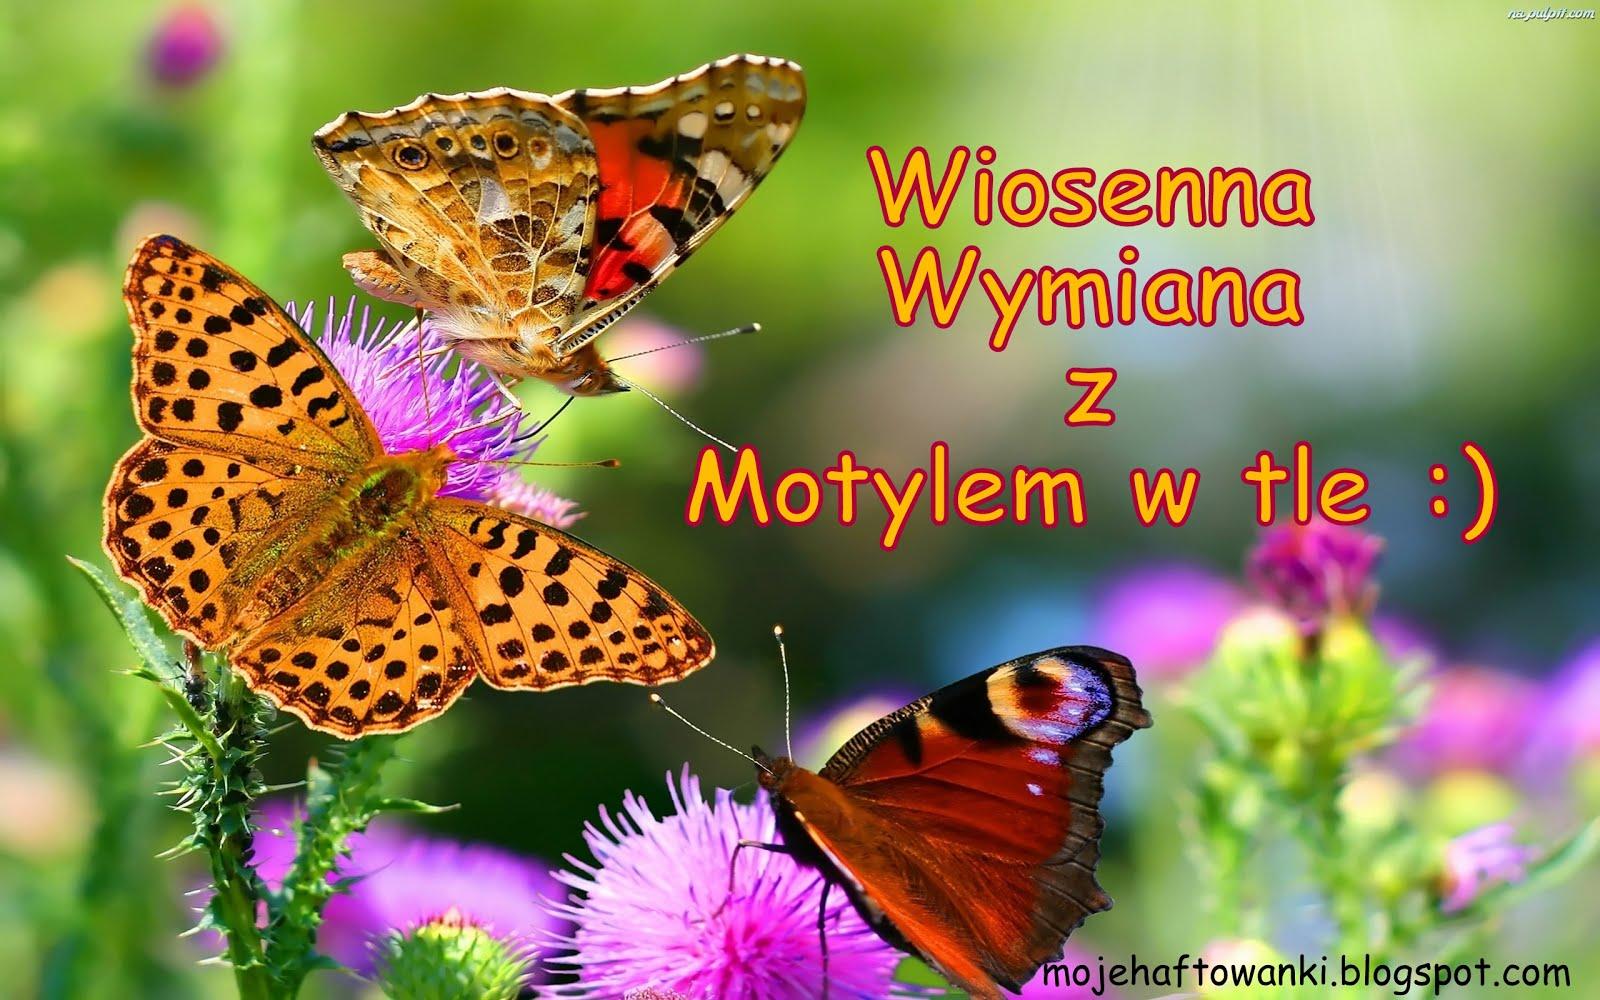 Wymianka z Motylem w tle